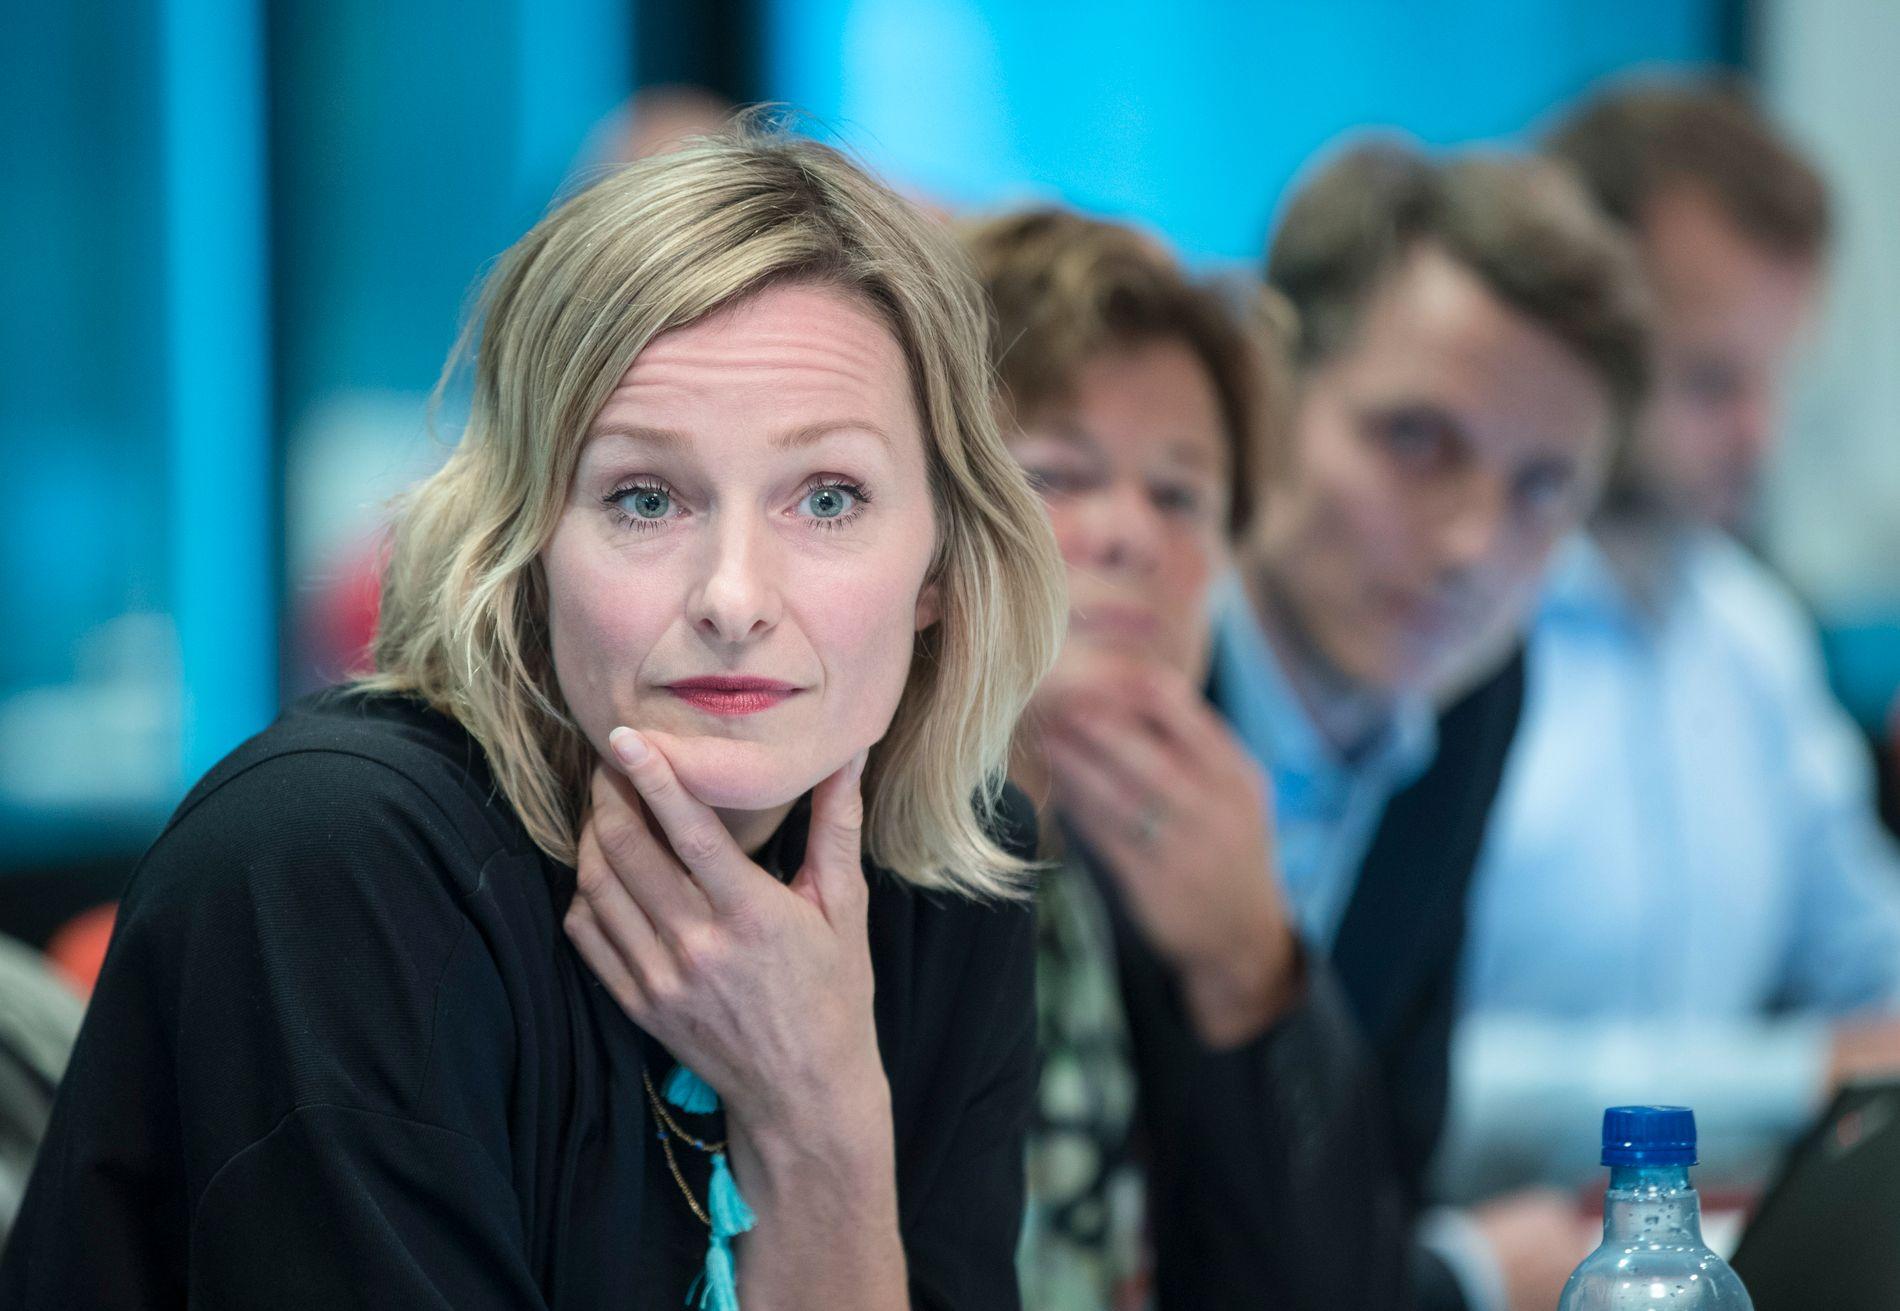 Nok et varsel er sendt inn mot byråd for oppvekst og kunnskap Inga Marte Thorkildsen (SV) i Oslo. Foto: Vidar Ruud / NTB scanpix